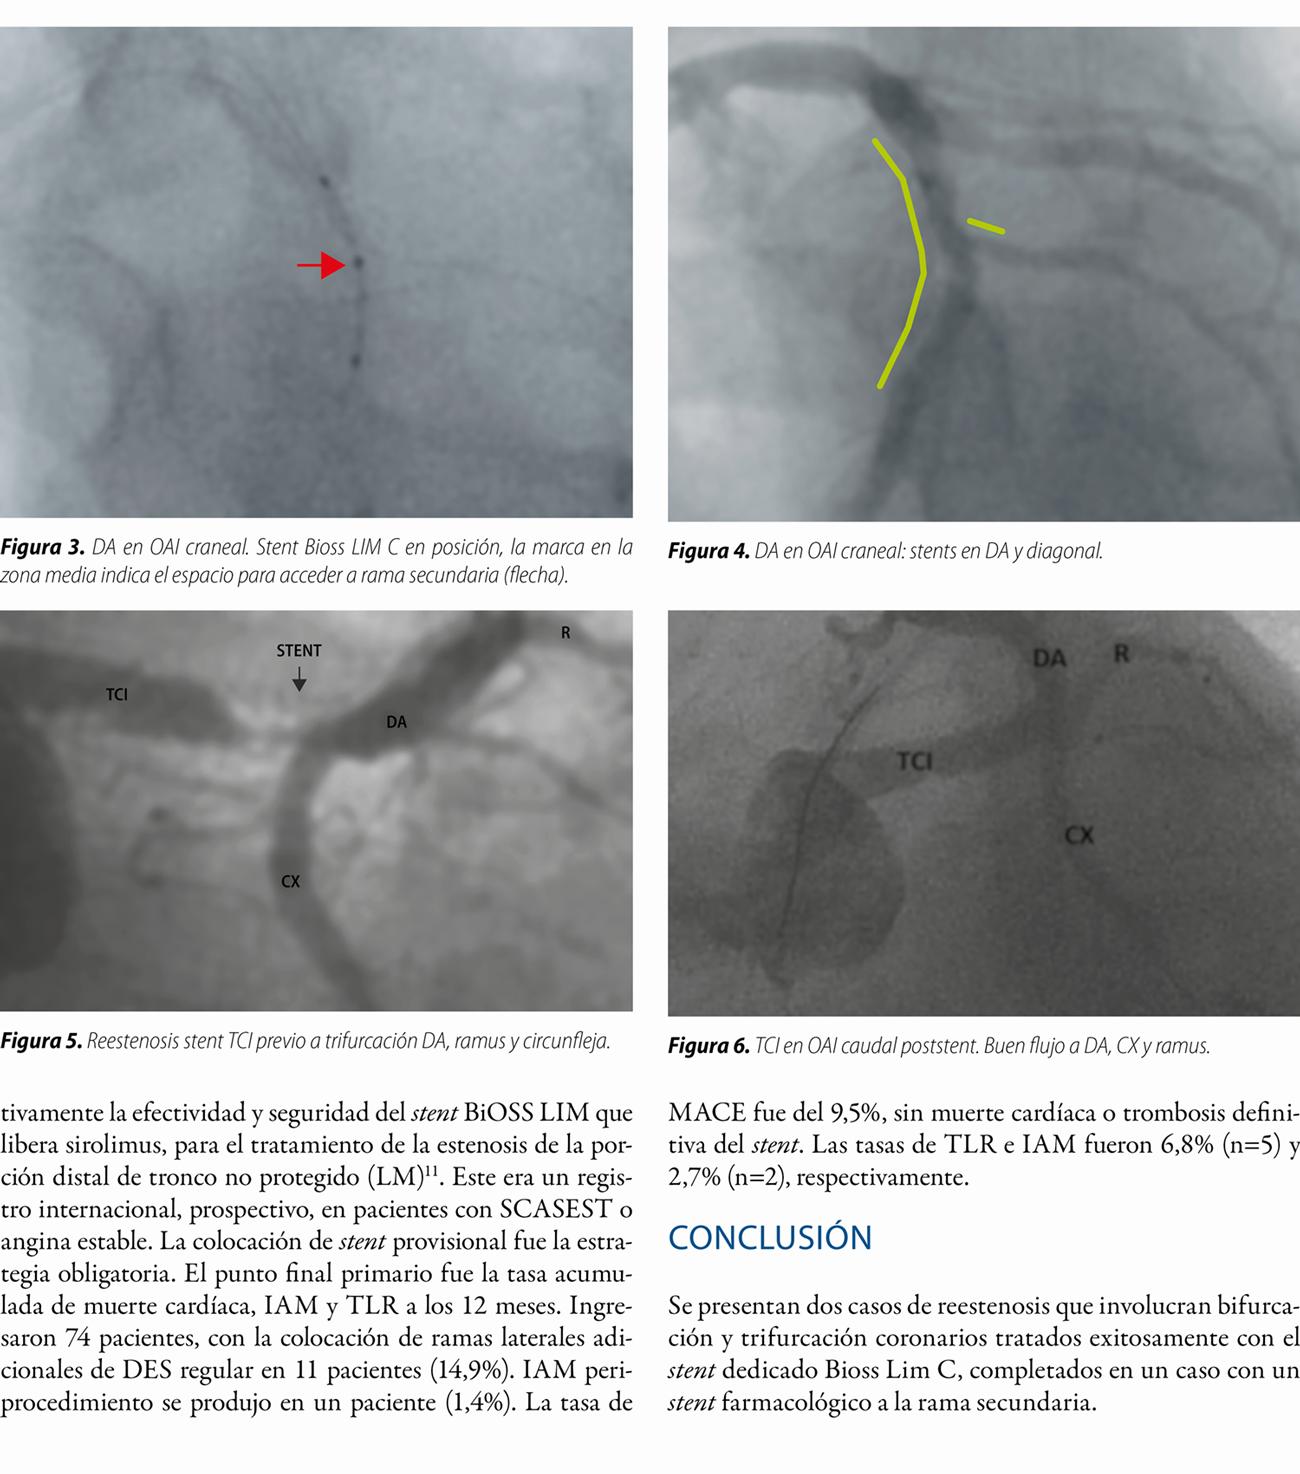 Stent dedicado de bifurcación BiOSS LIM C® en reestenosis de bifurcación y trifurcación coronarias